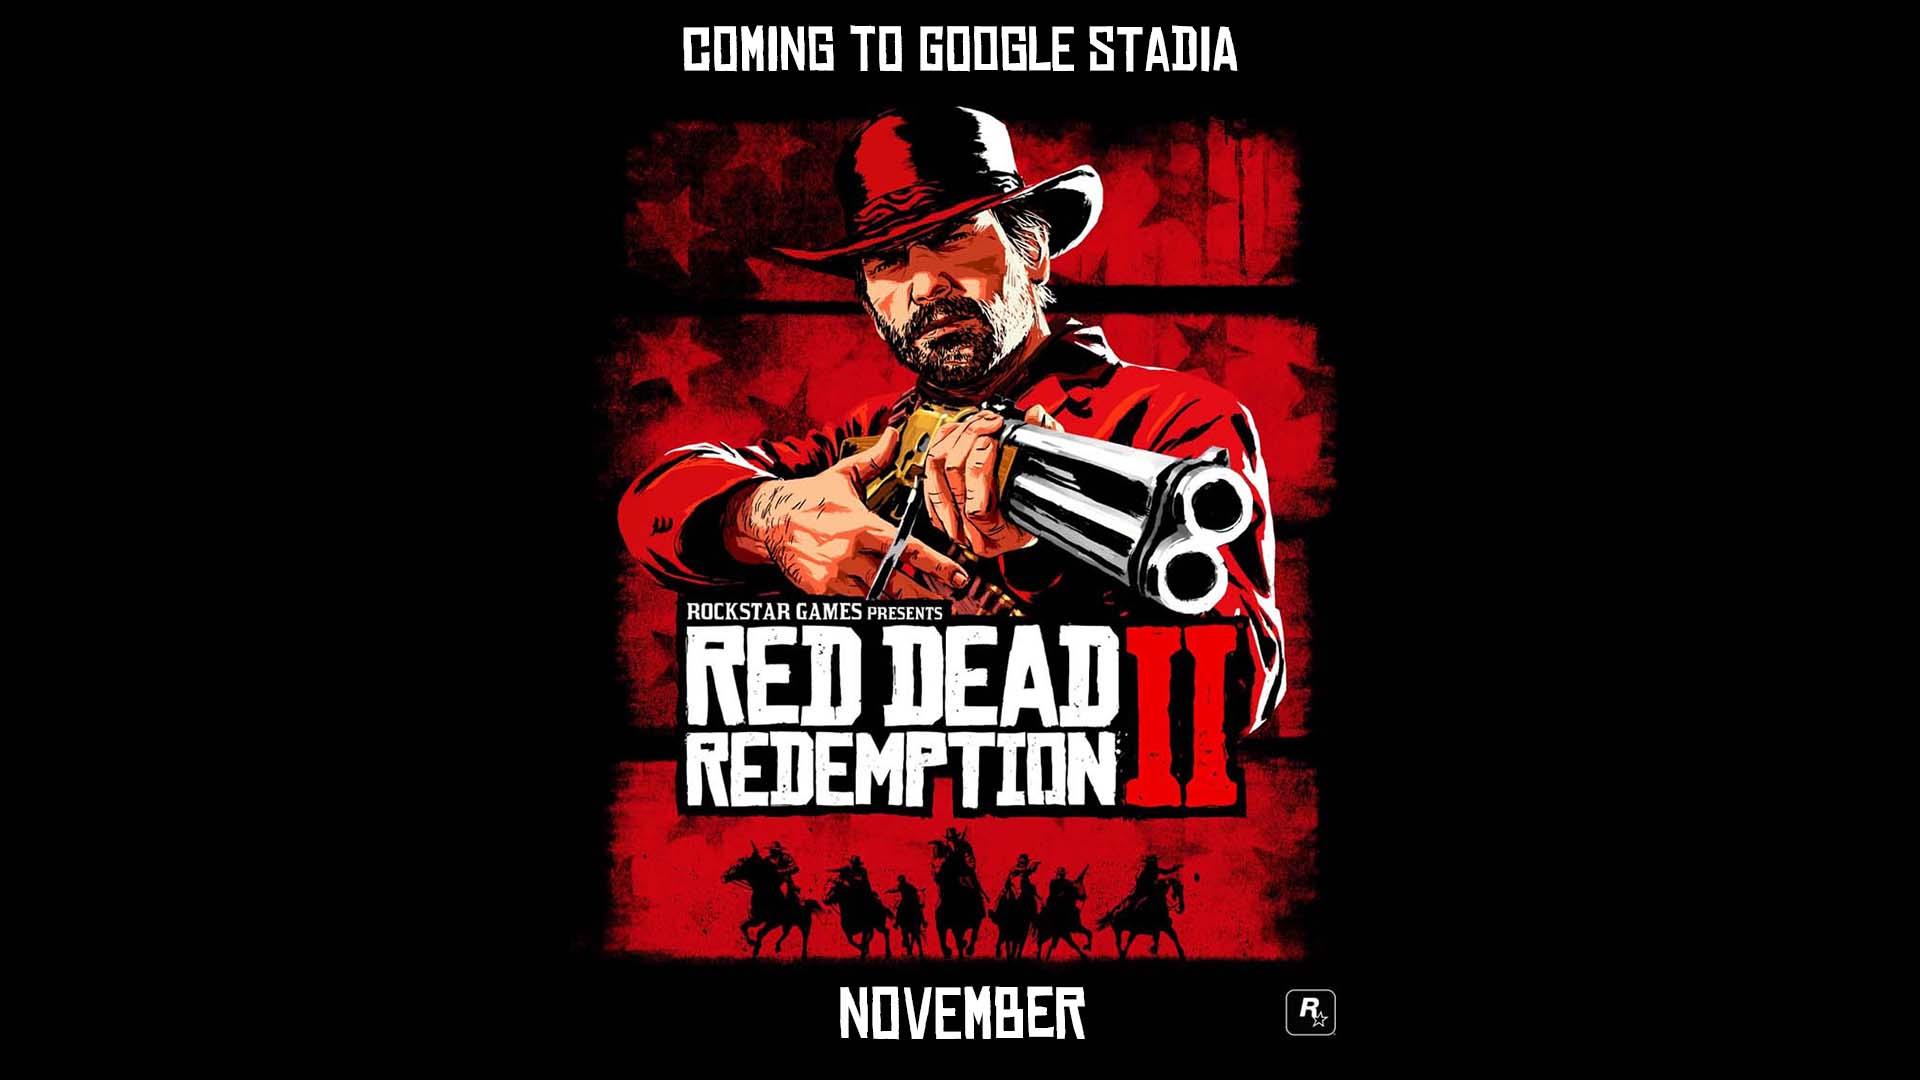 Red Dead Redemption II, le jeu de l'année 2018 arrive sur PC et Google Stadia!